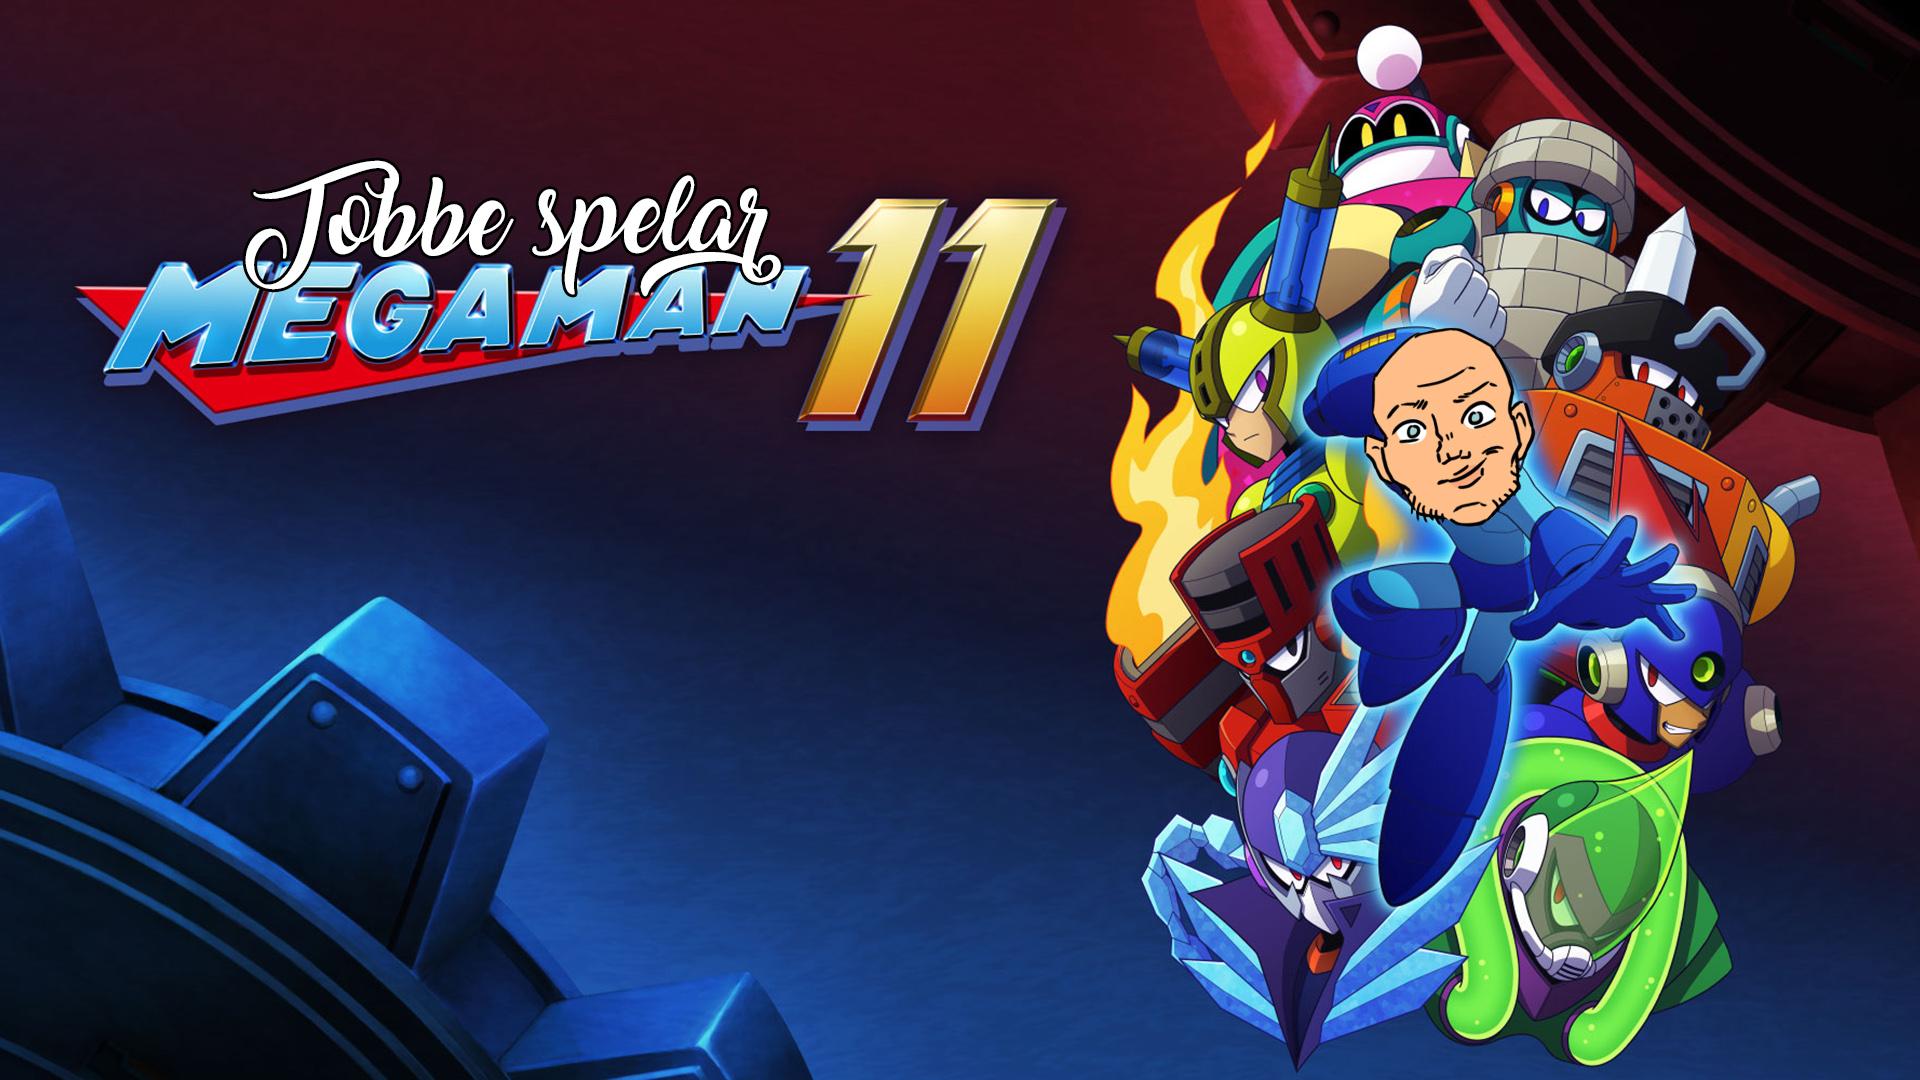 Tobbe spelar Mega Man 11